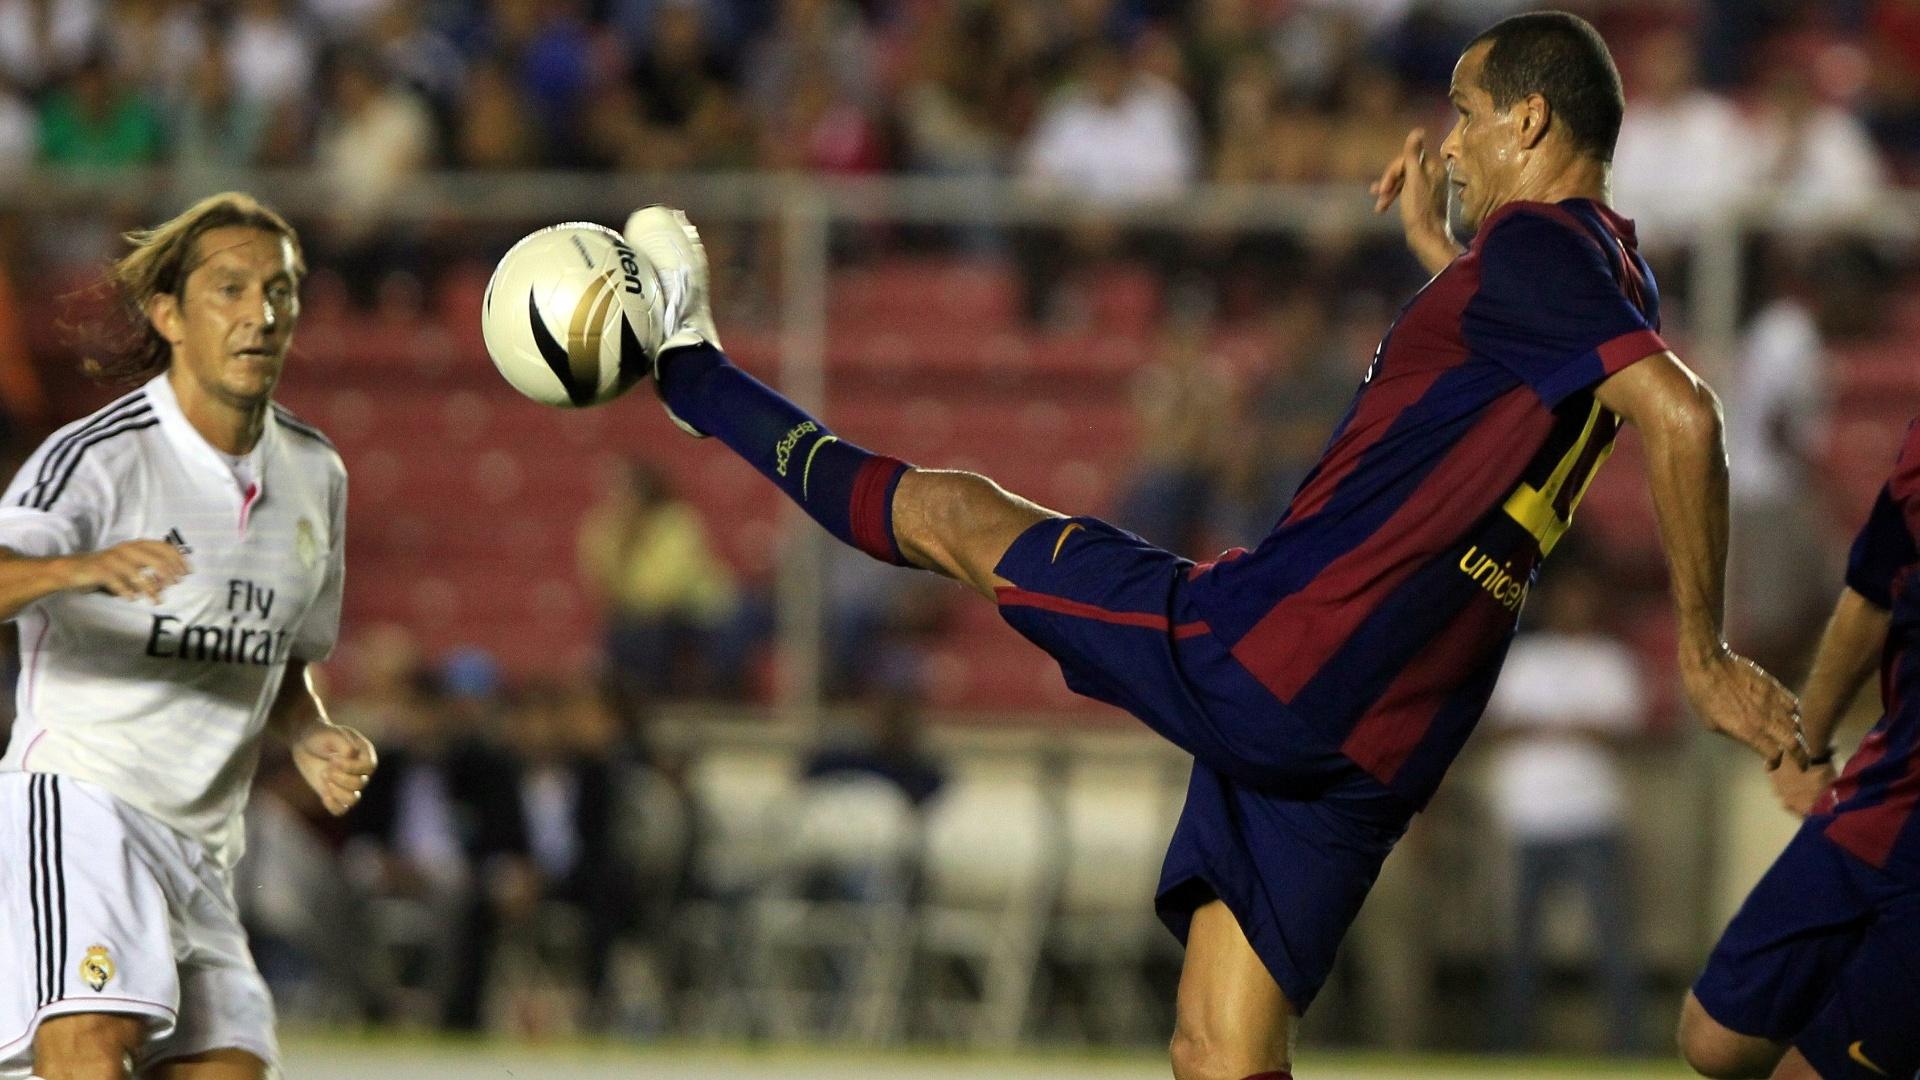 Rivaldo tenta dominar a bola no amistoso entre veteranos de Real Madrid e Barcelona, realizado no Panamá